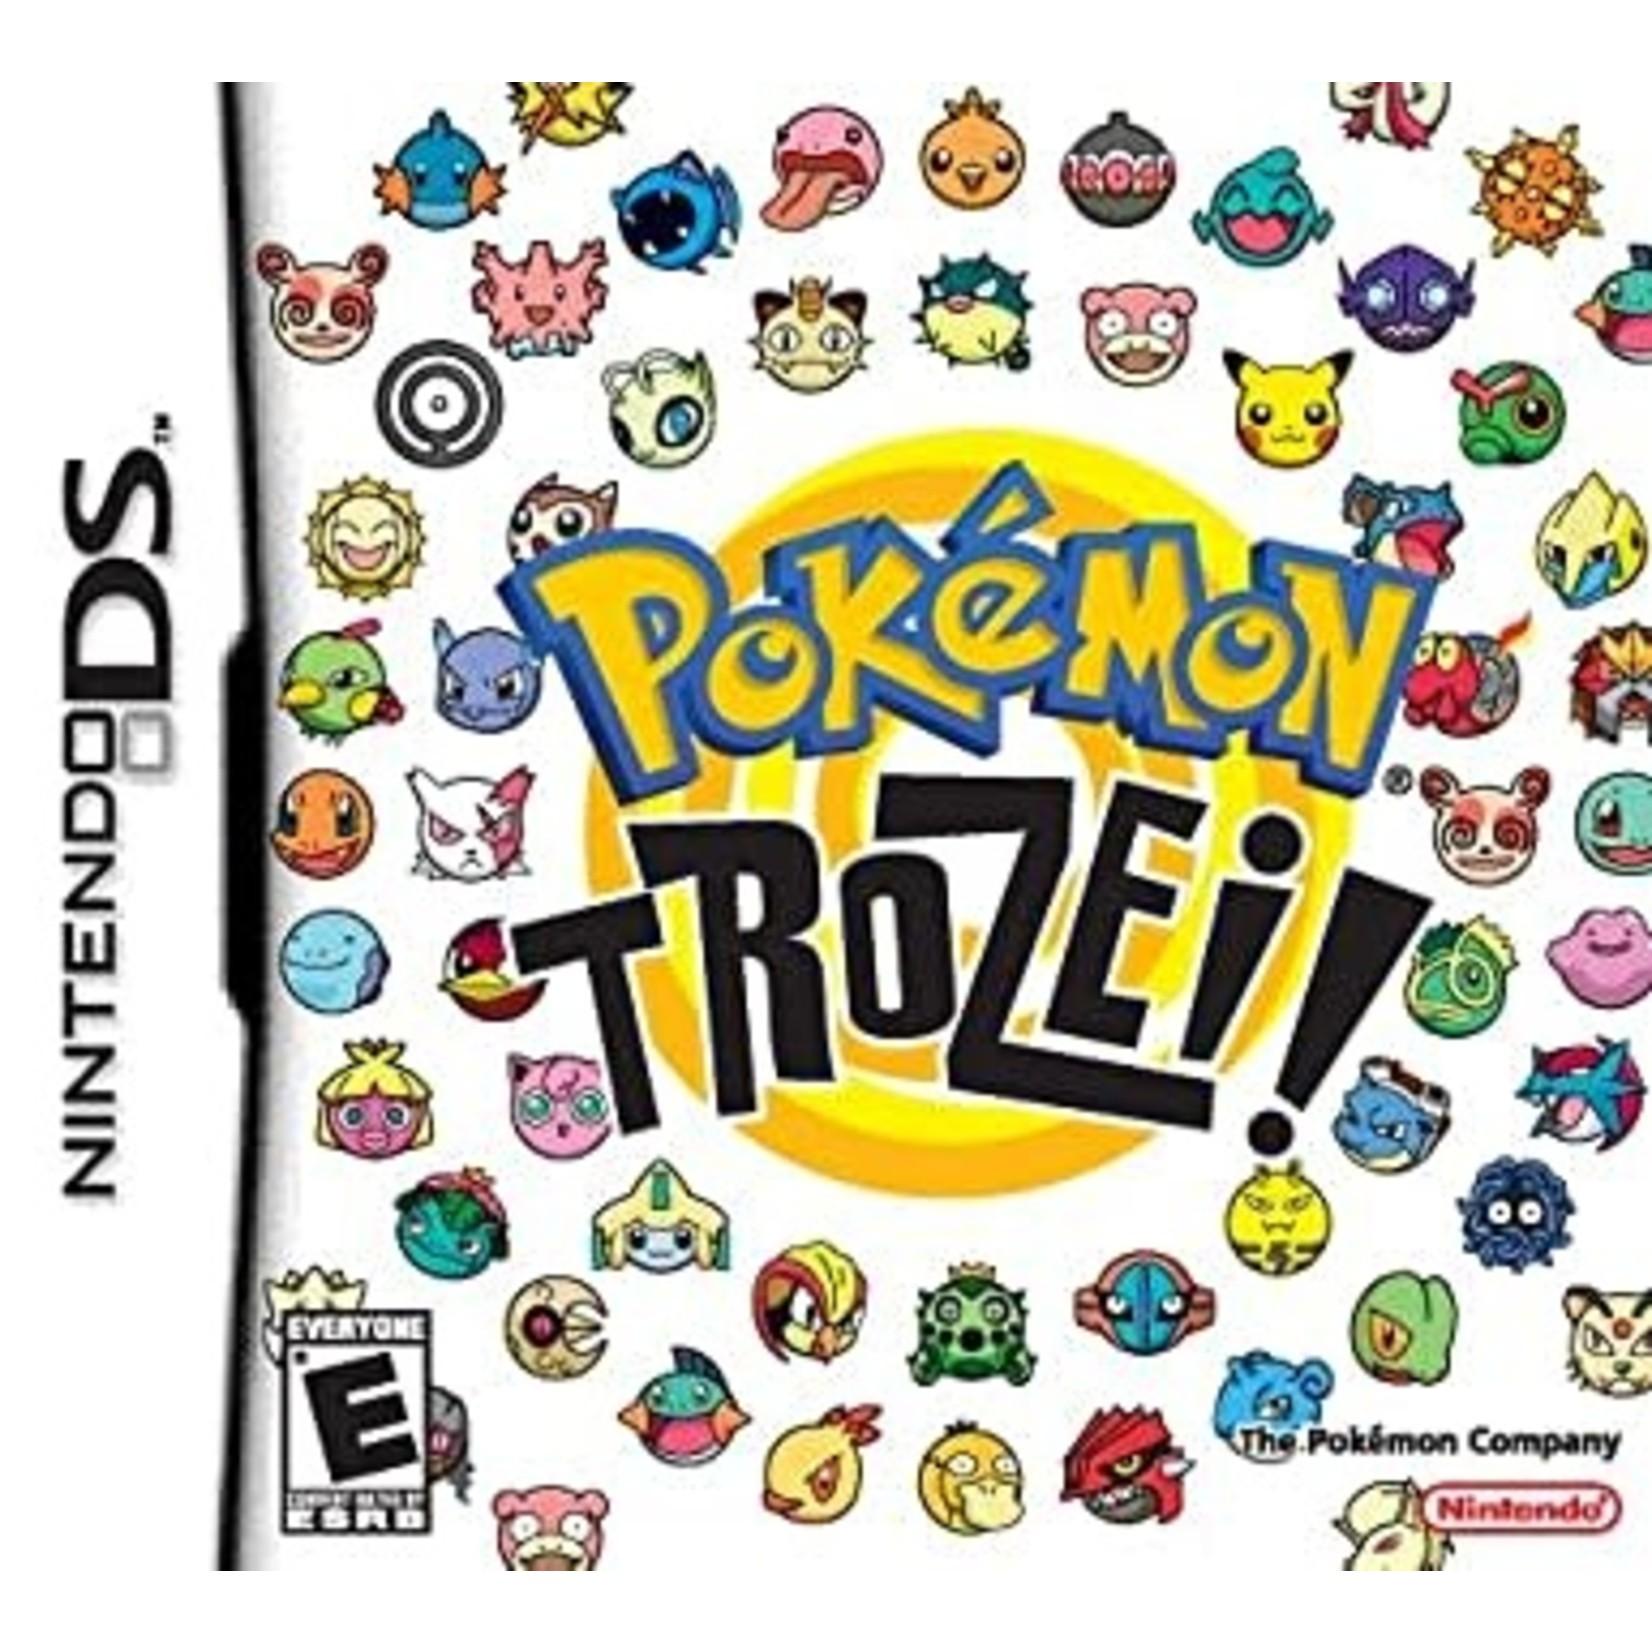 DSU-Pokemon Trozie